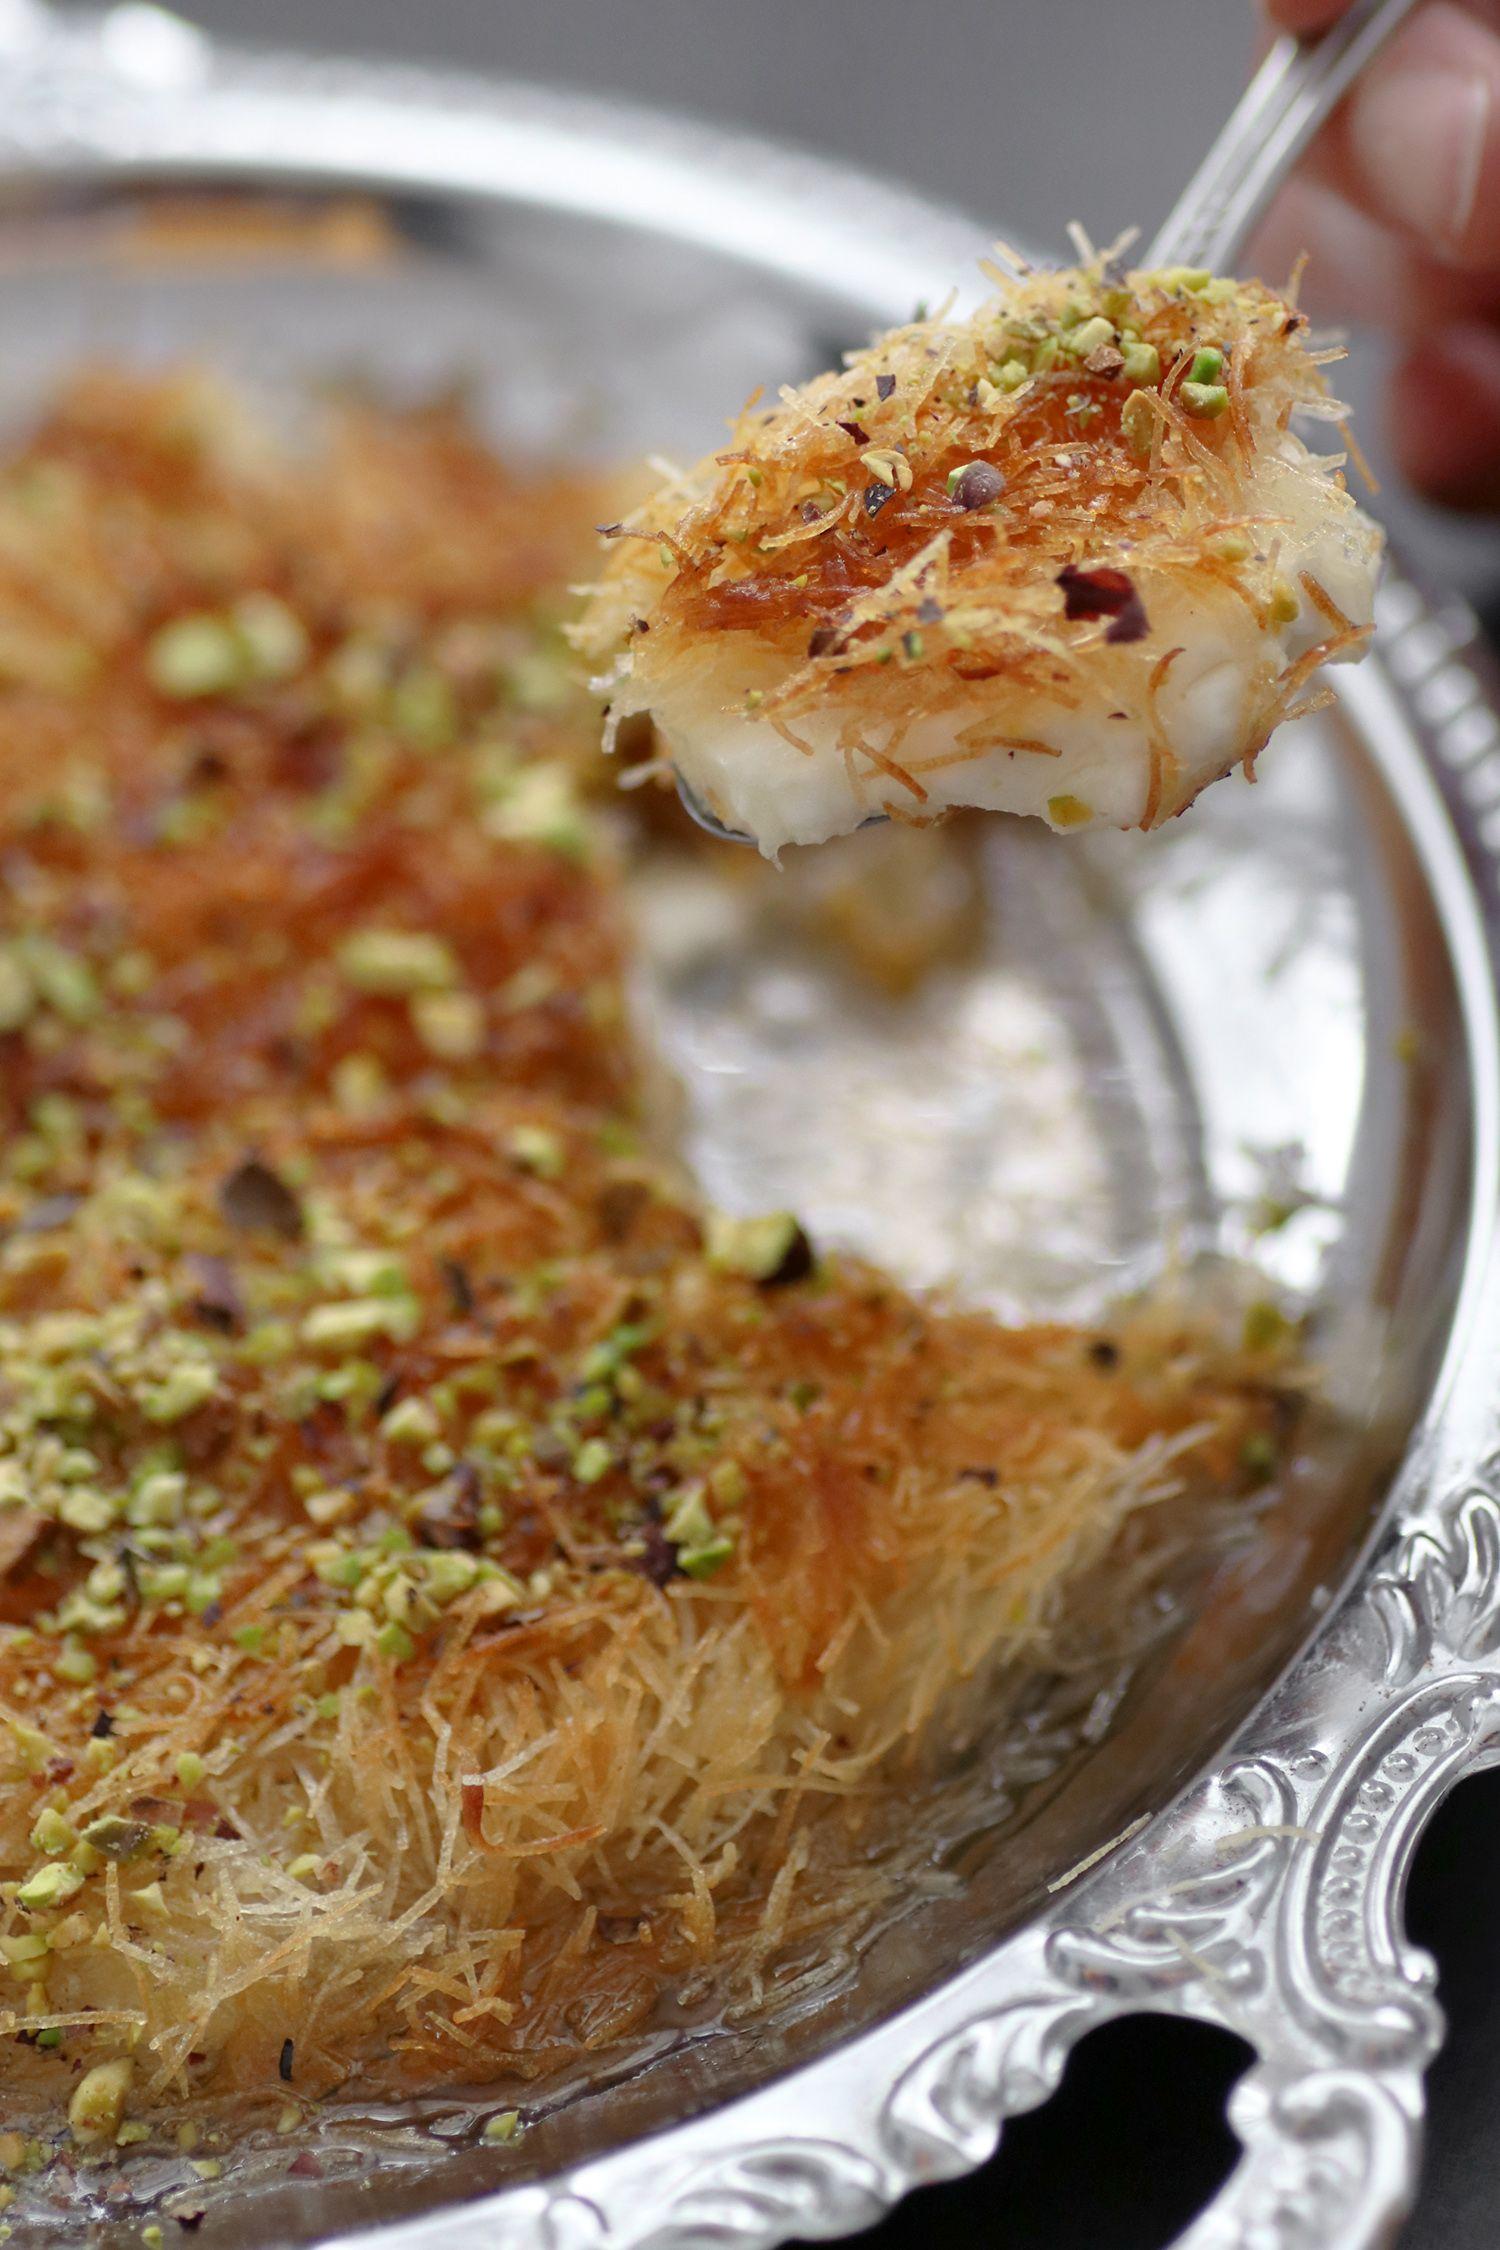 כנאפה תוצרת בית | צילום: נטלי לוין